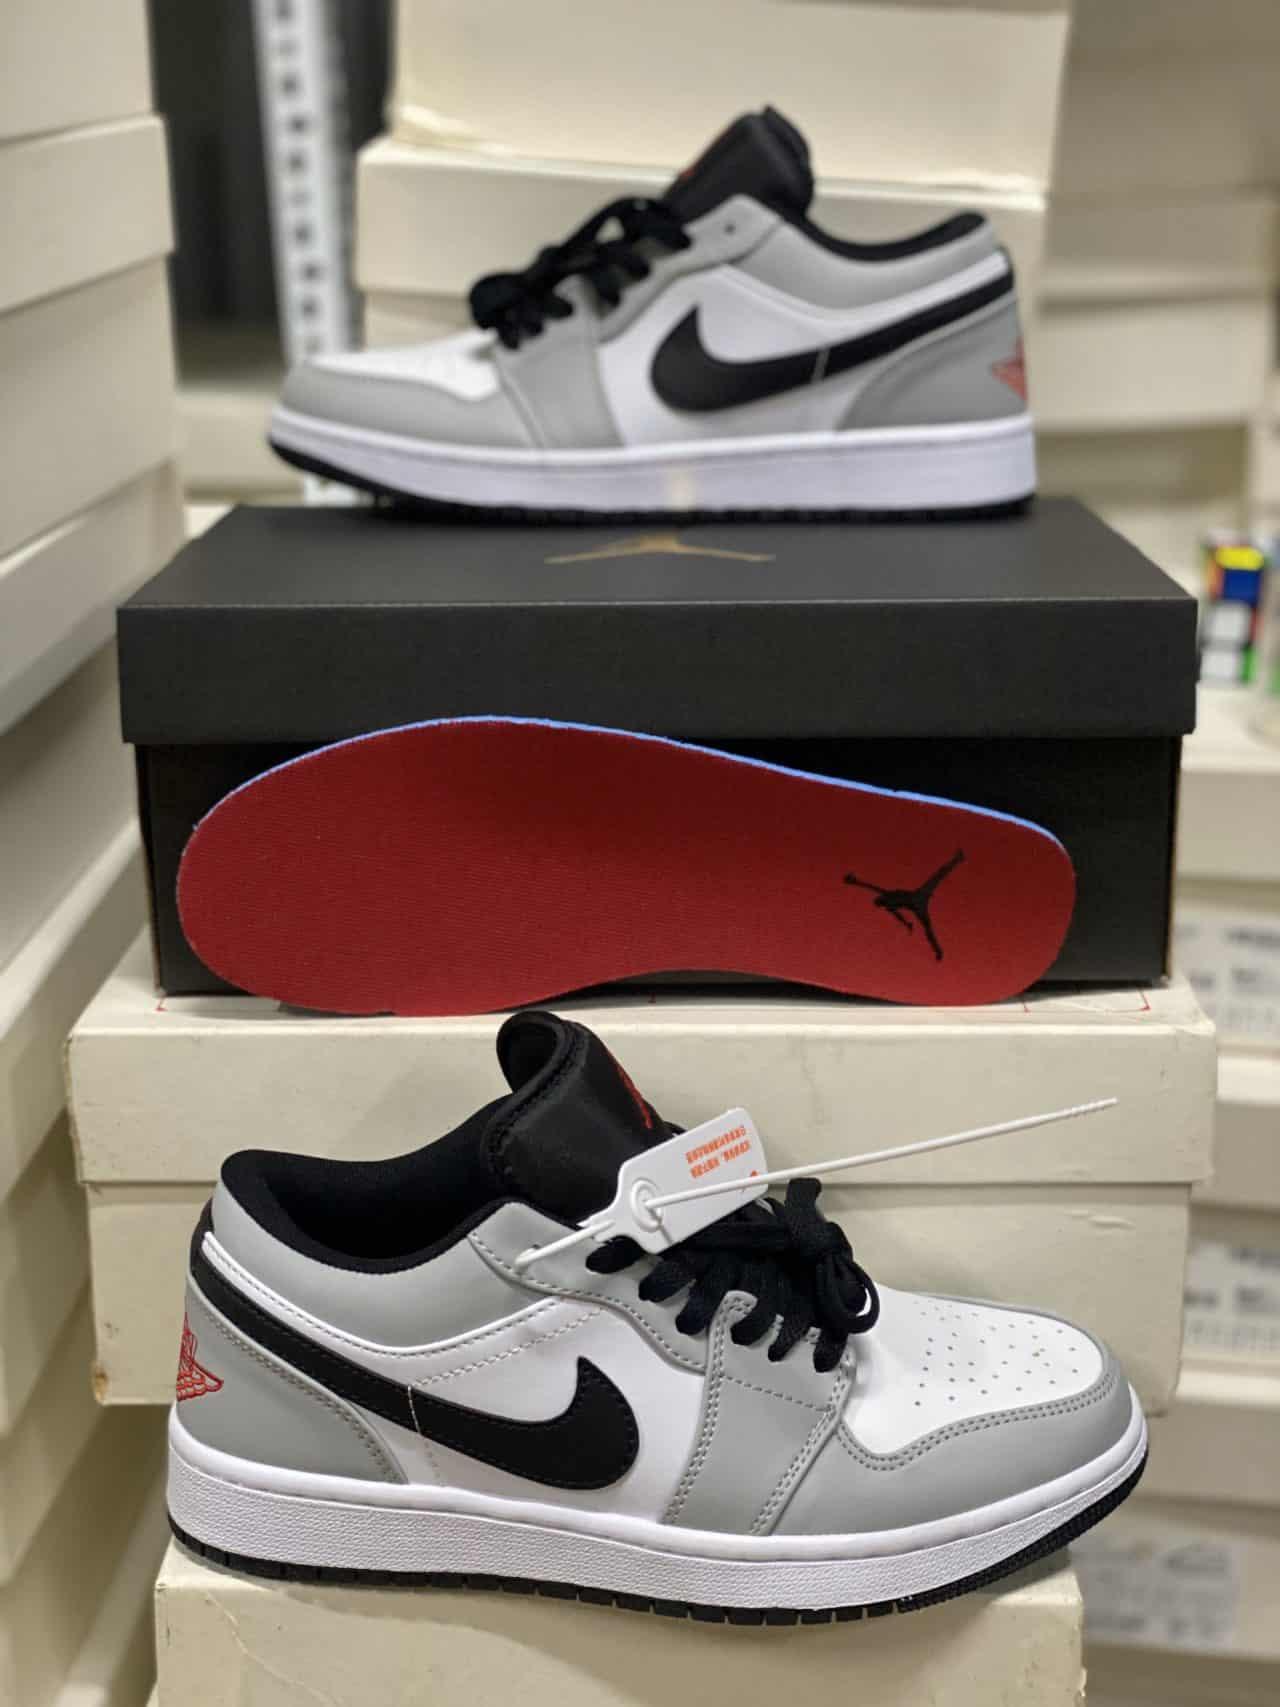 Giày Jordan 1 Low Smoke Grey rep 1:1 phù hợp với cả nam và nữ